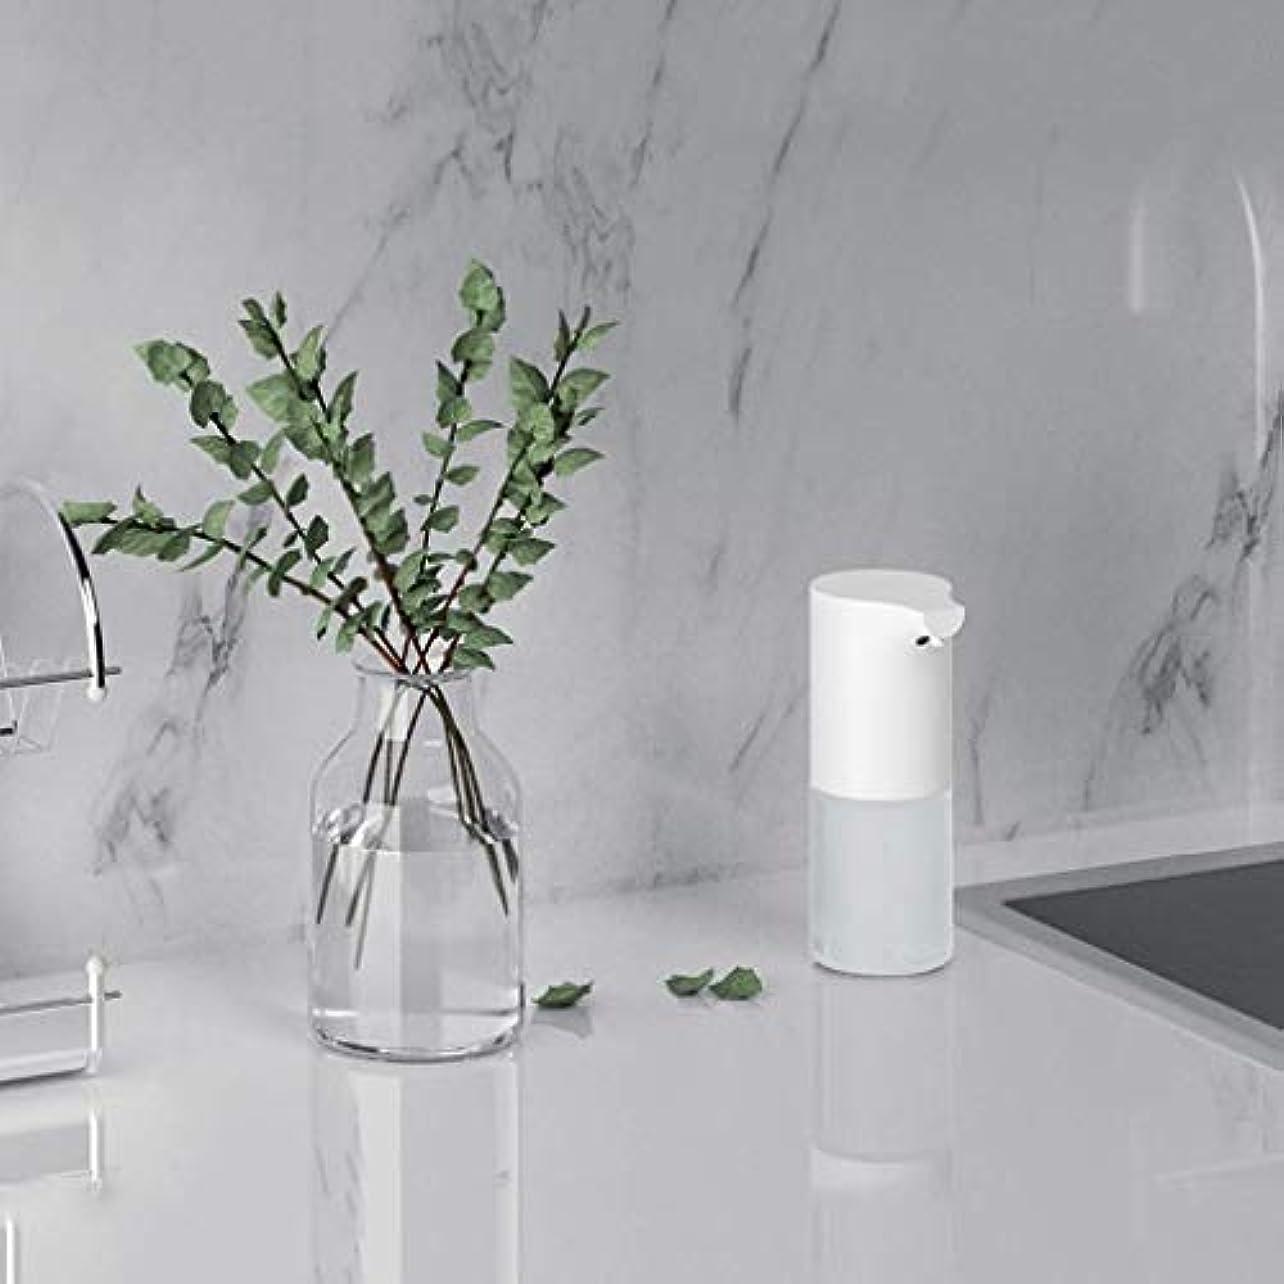 ラフウェーハスーパーマーケット赤外線センサー泡手消毒剤320ミリリットル環境保護素材石鹸ボトルキッチンバスルームローション(色:白、サイズ:19 * 9.8 * 7.3 cm) (Color : White, Size : 19*9.8*7.3cm)